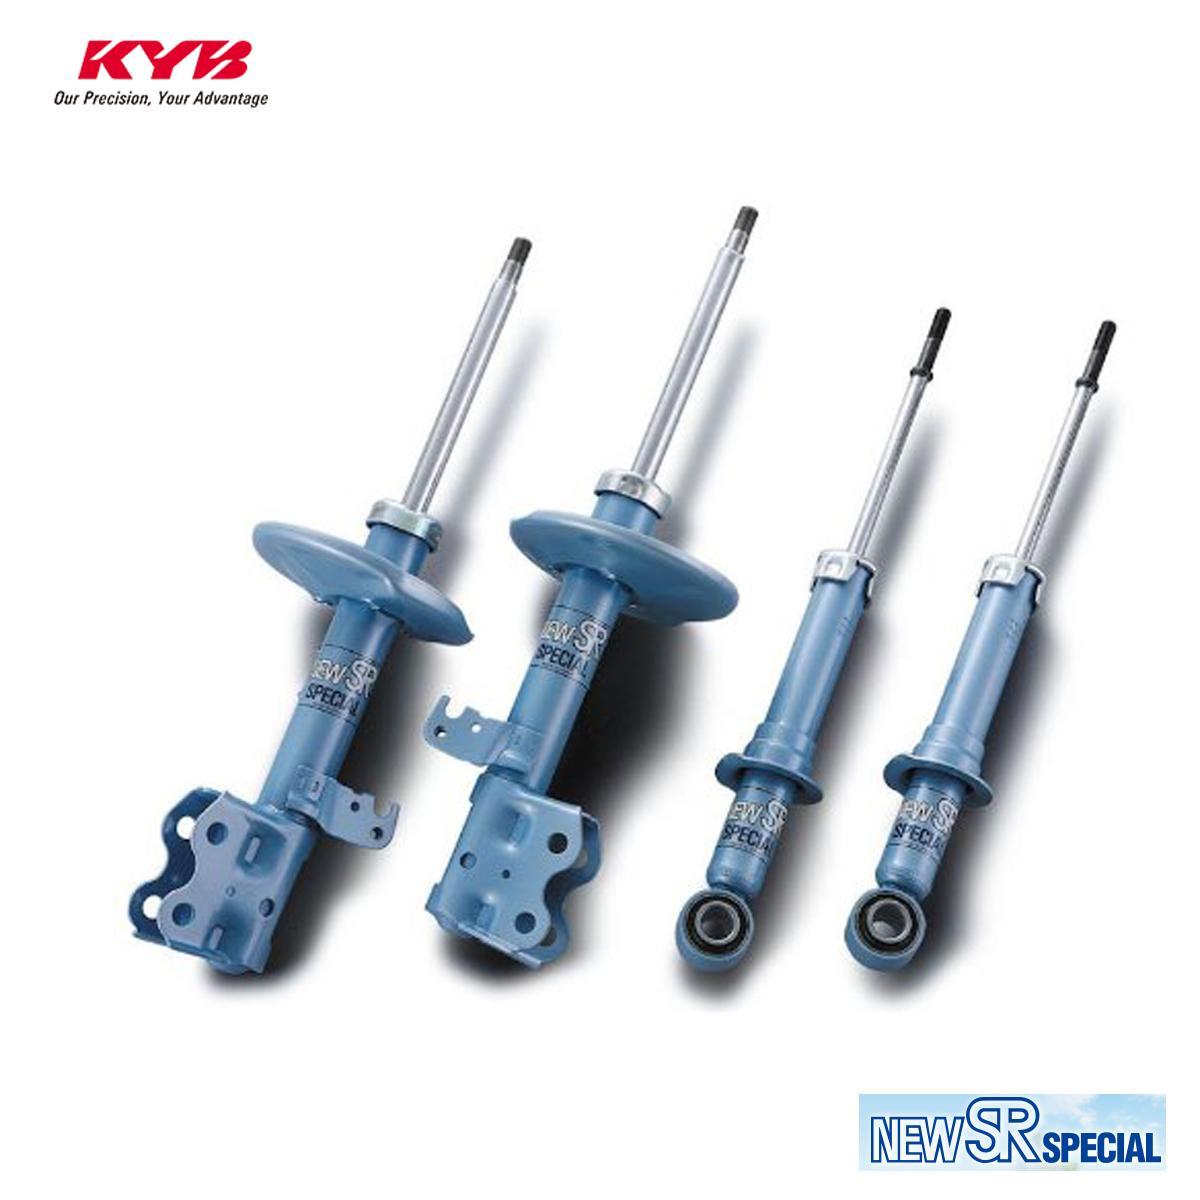 KYB カヤバ スカイライン HNV37 ショックアブソーバー フロント 1本 NEW SR SPECIAL NSF9446 配送先条件有り